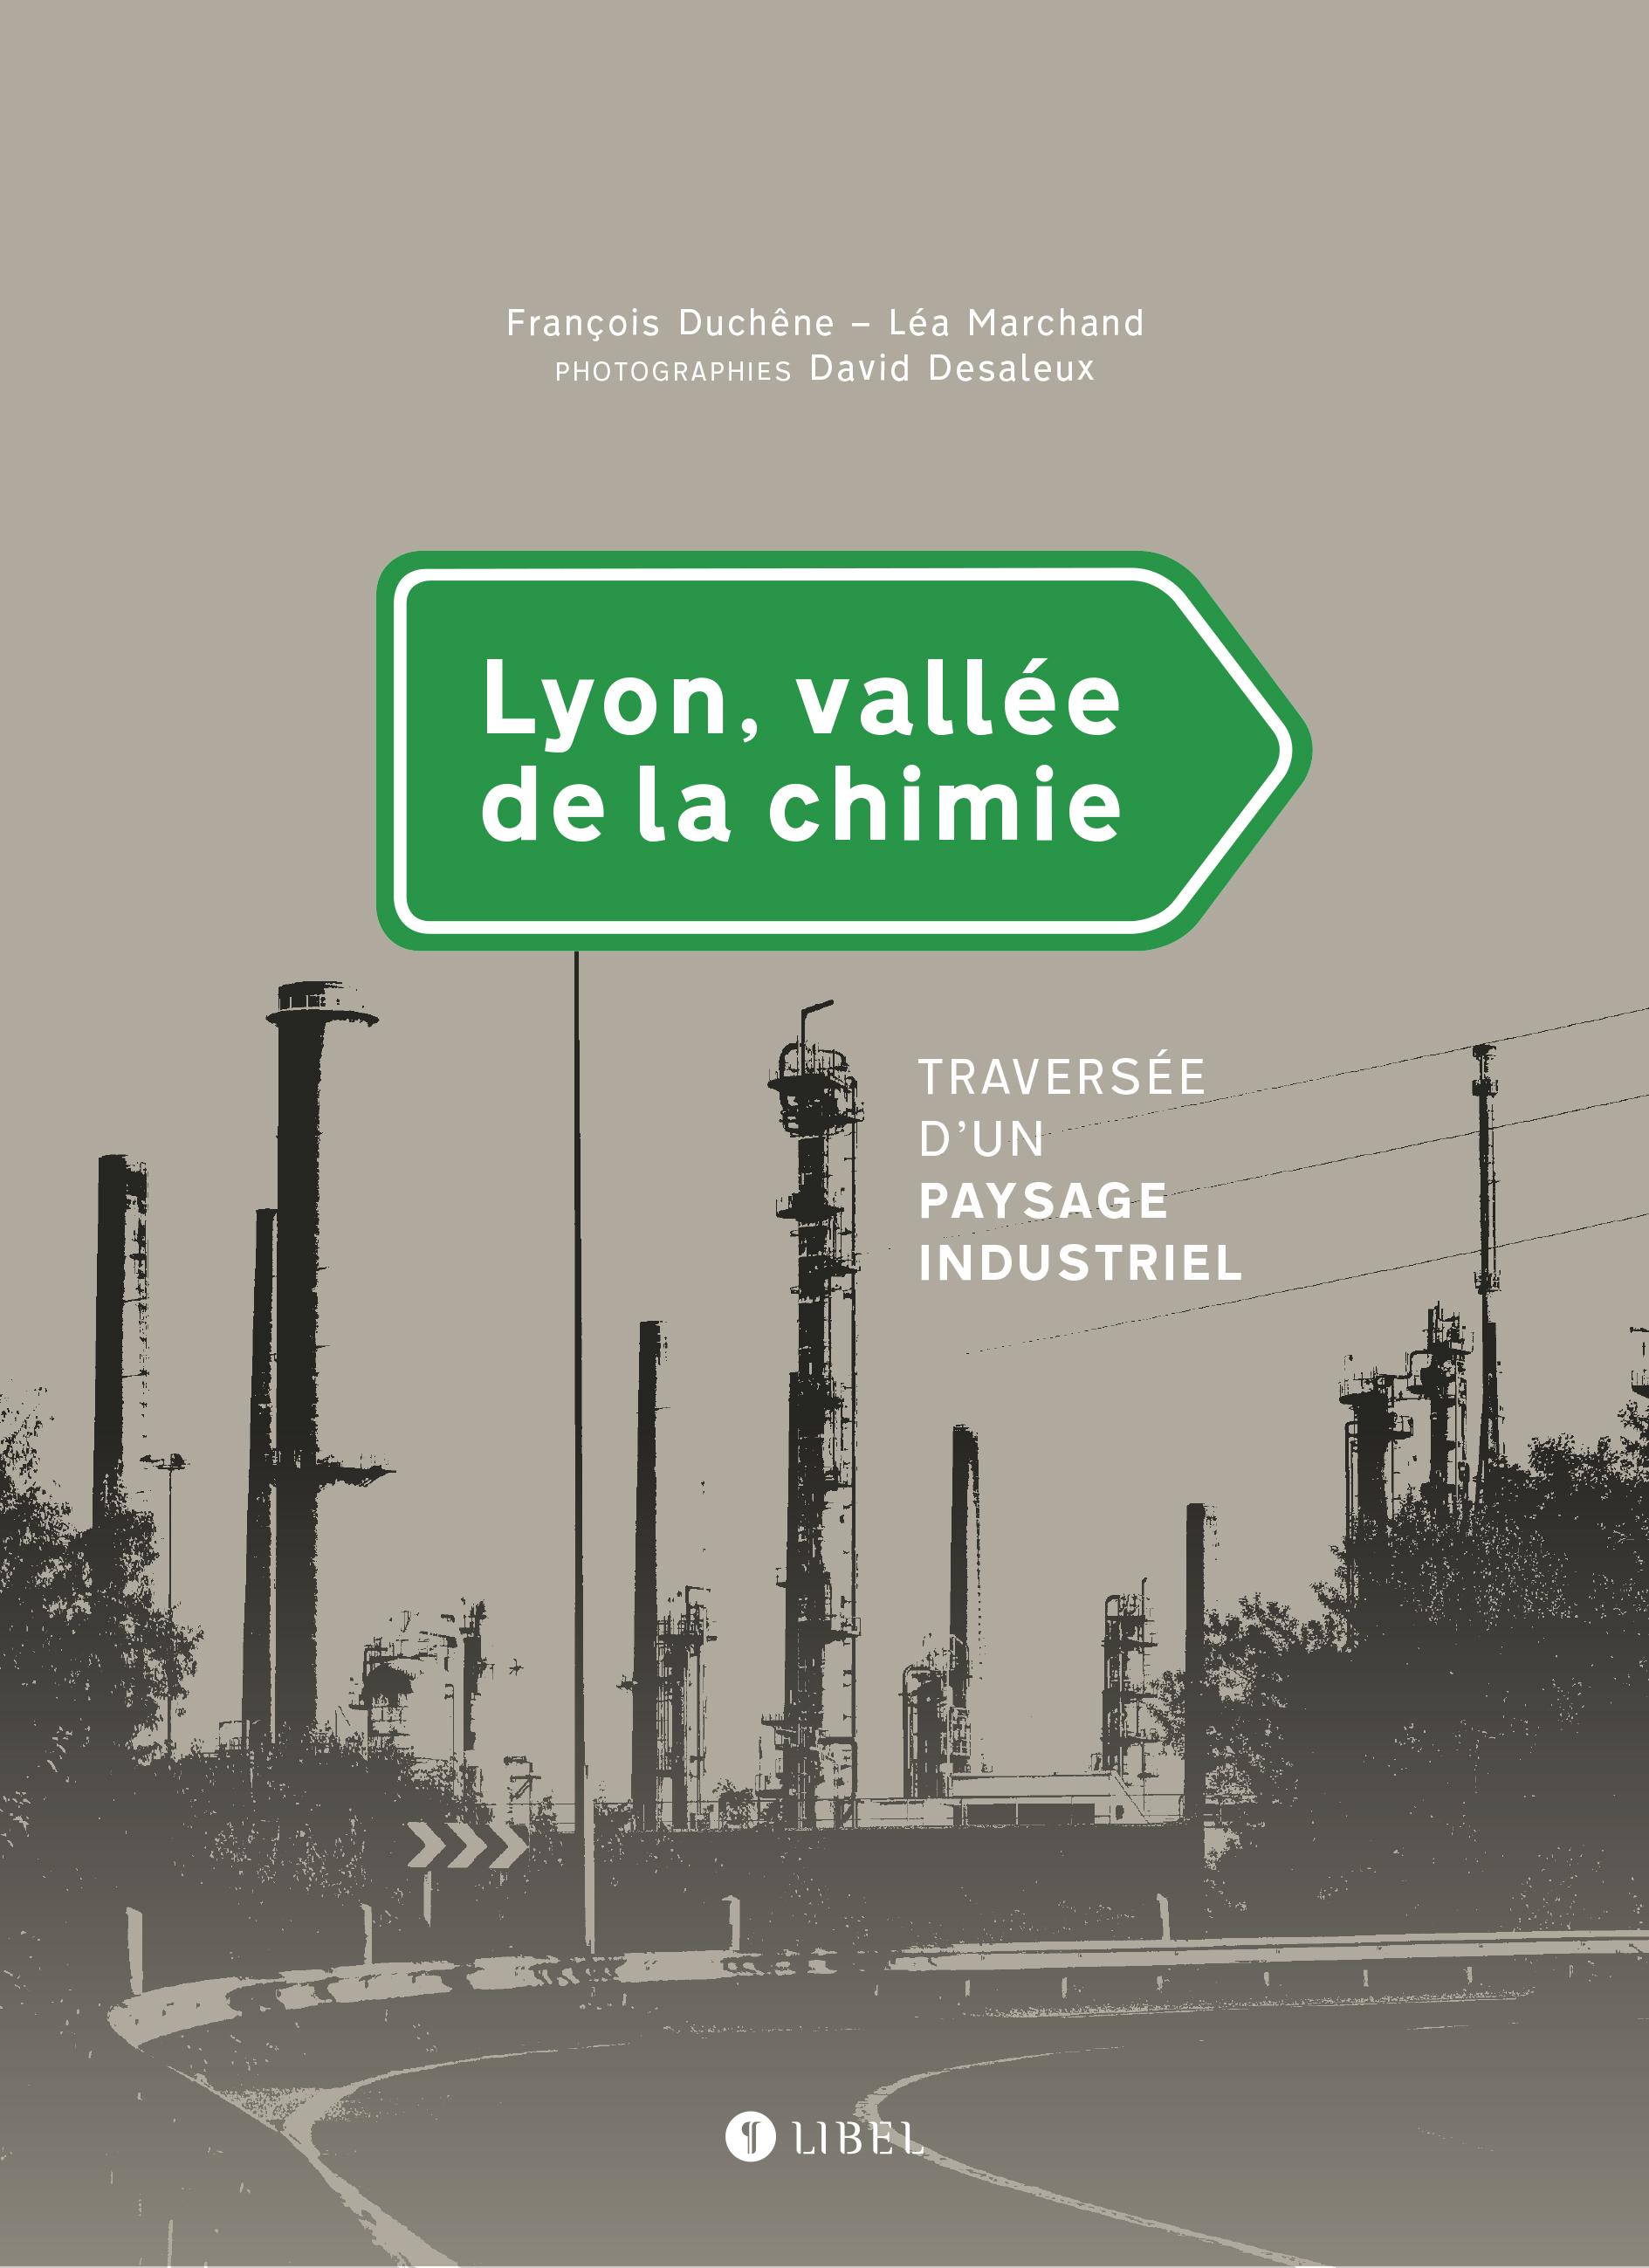 LYON, VALLEE DE LA CHIMIE. TRAVERSEE D'UN PAYSAGE INDUSTRIEL